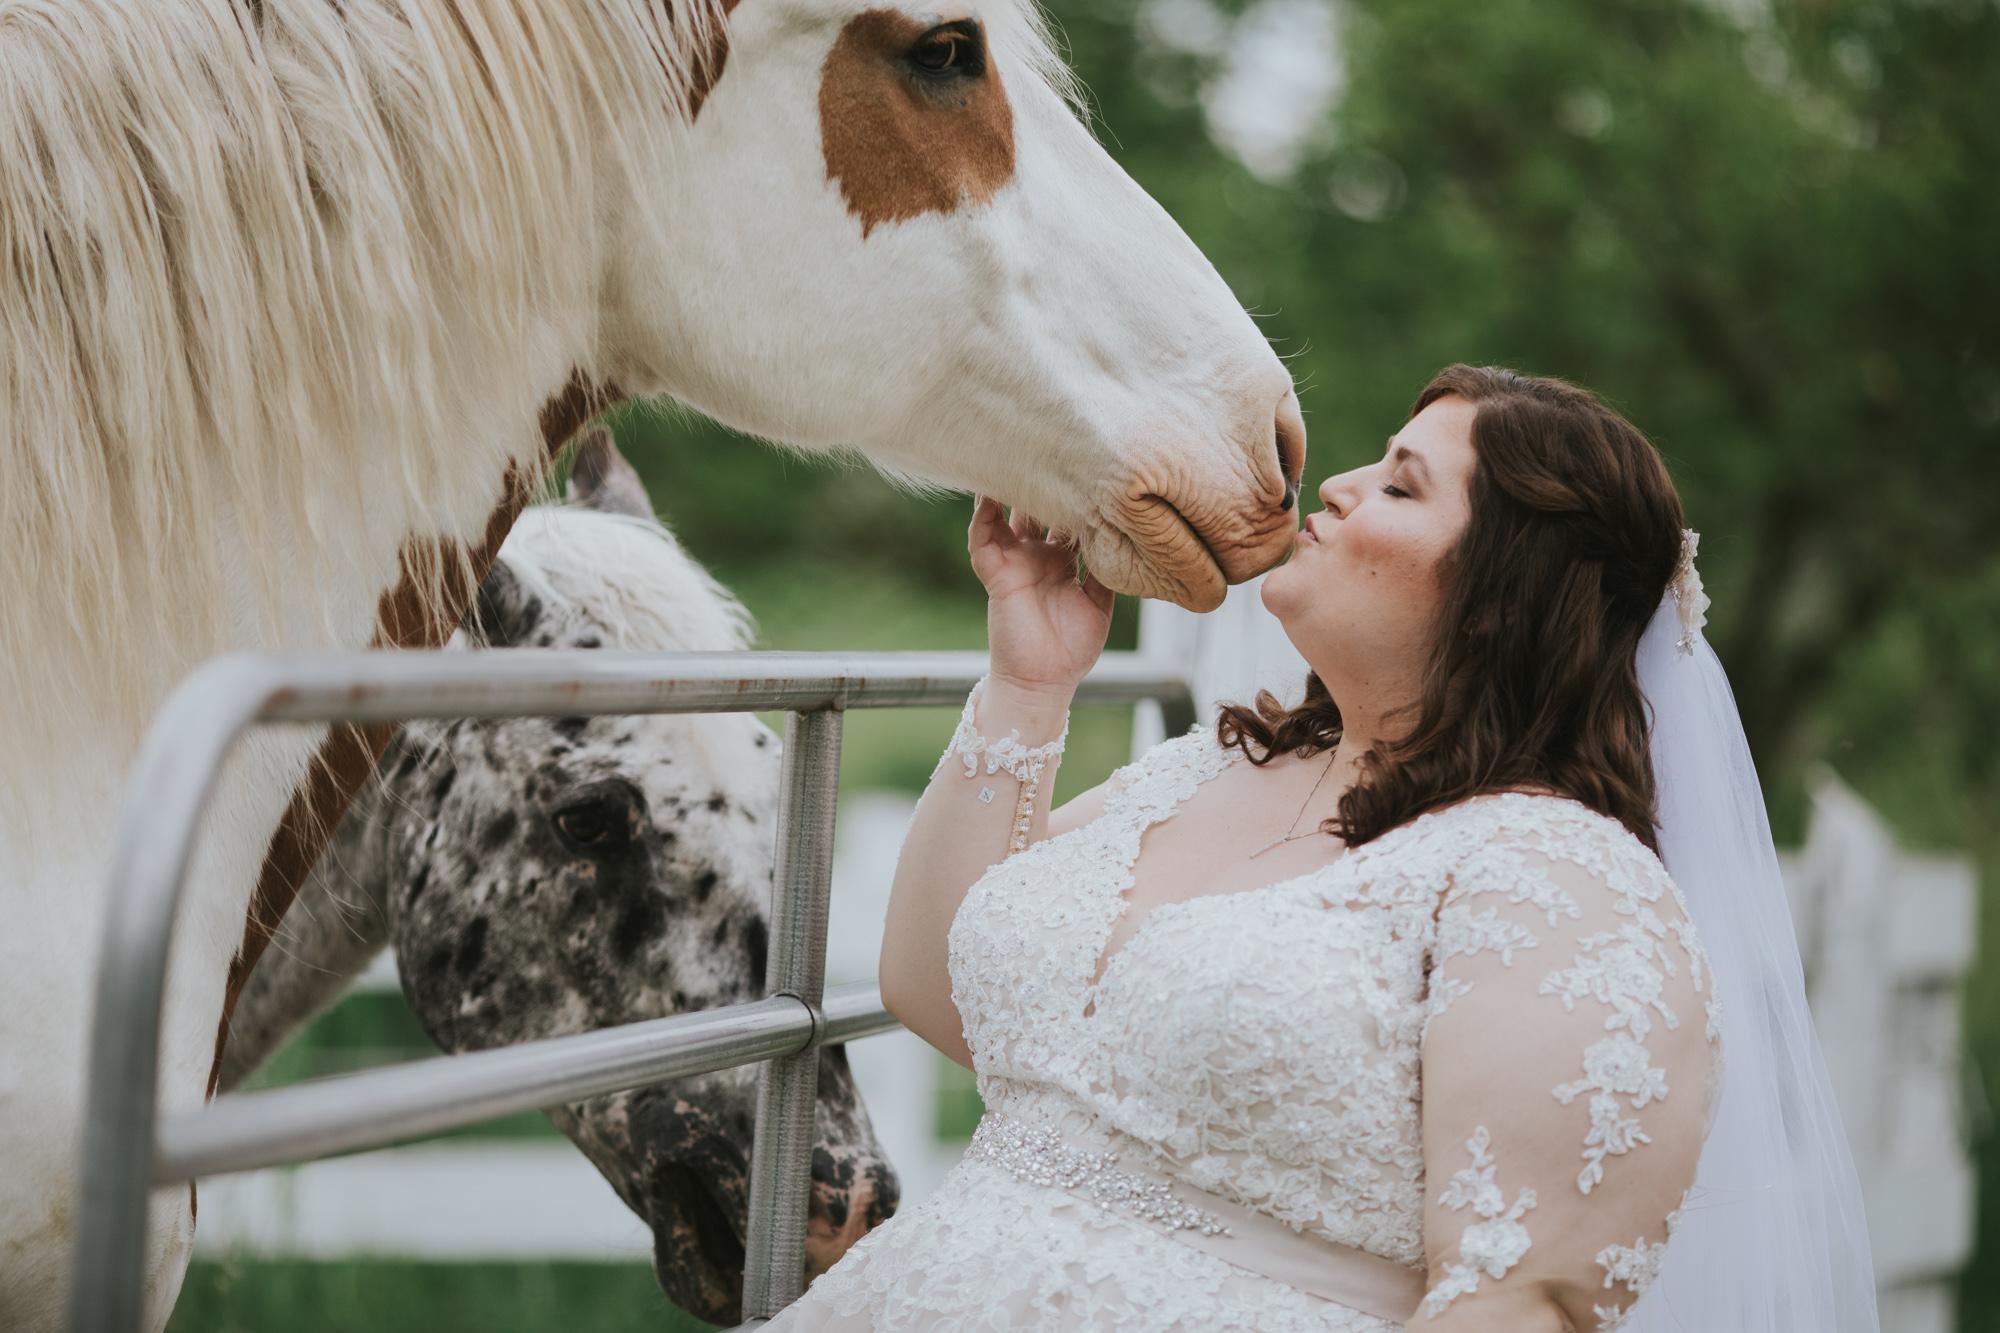 Summer-Farm-Backyard-Wedding-Portraits-34.jpg